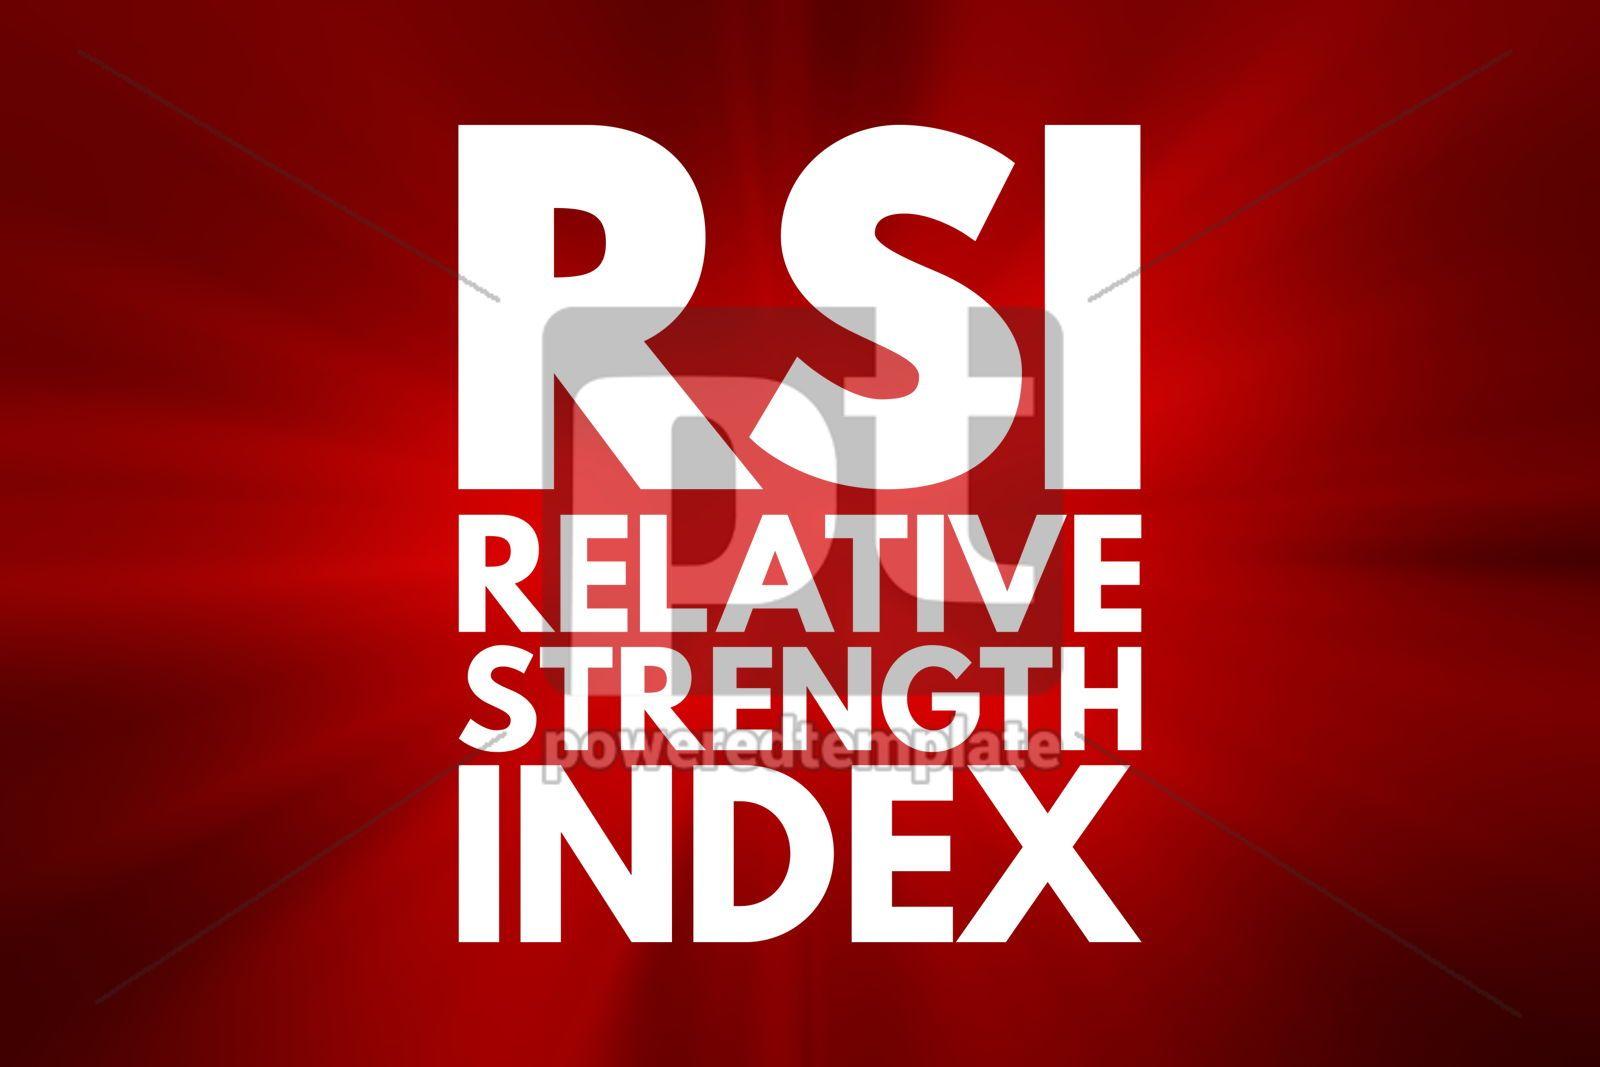 RSI - Relative Strength Index acronym business concept backgrou, 16171, Business — PoweredTemplate.com